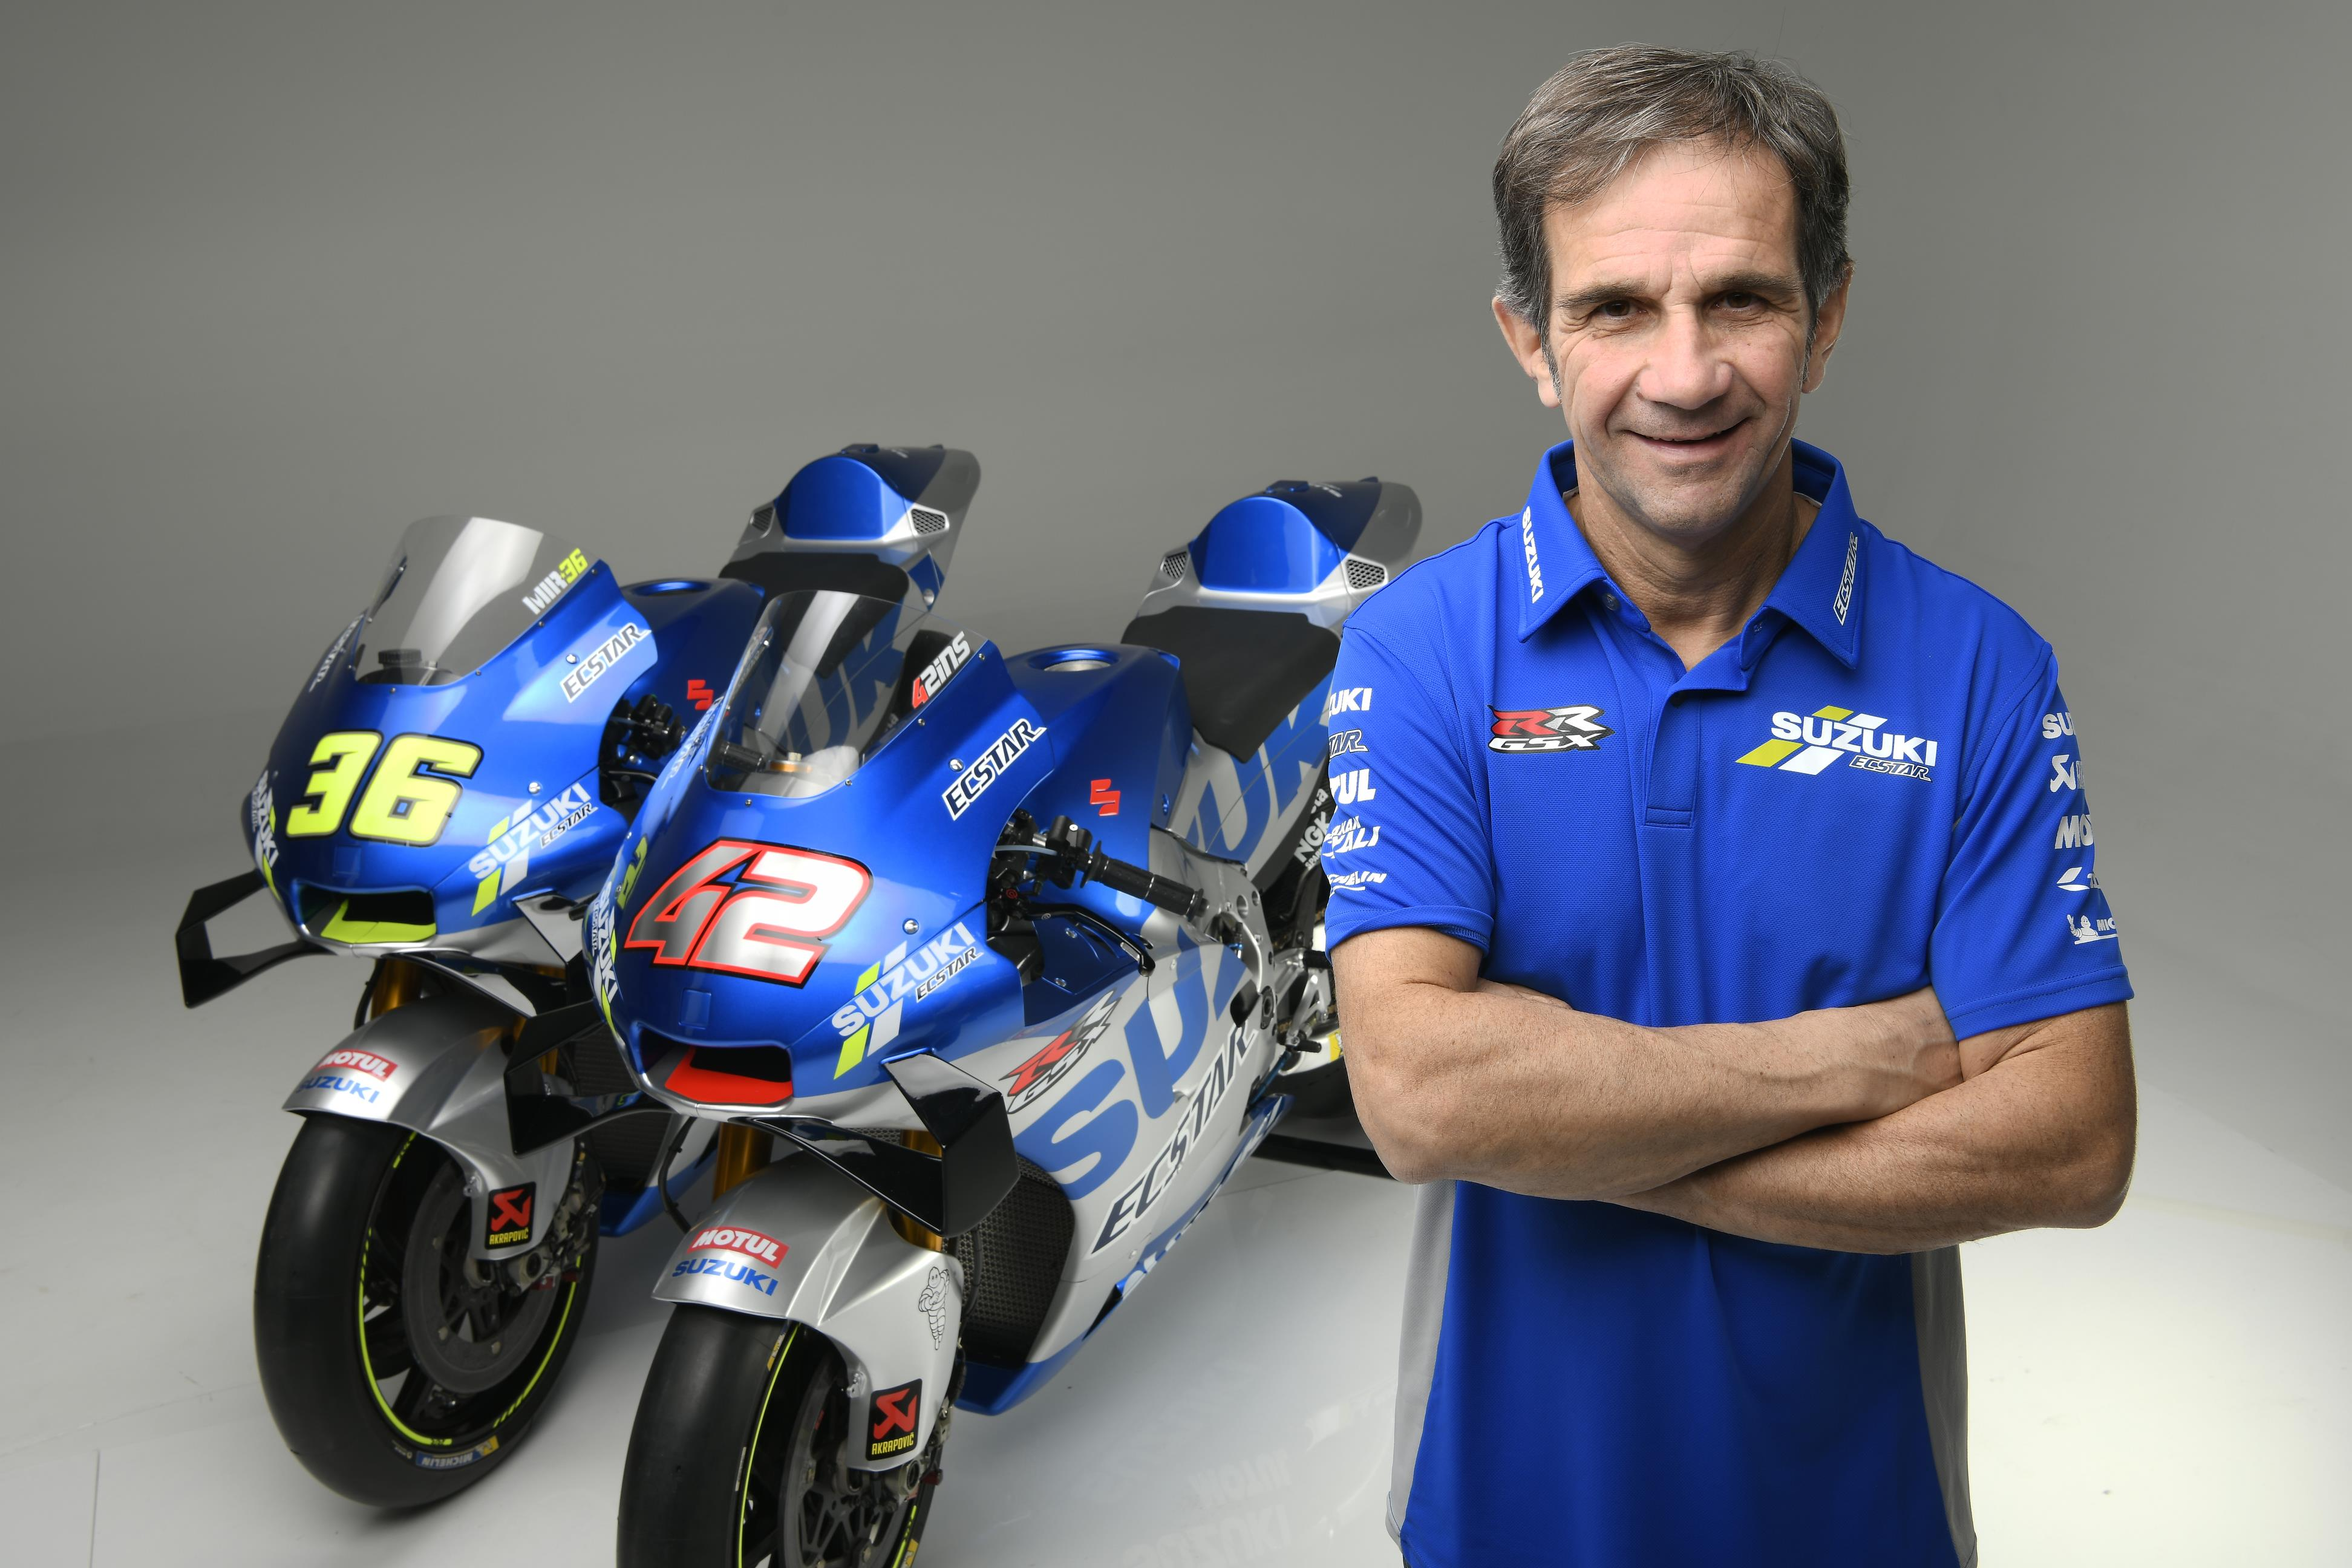 ダヴィデ・ブリビオ「チャンピオンシップが短くとも、トップ争いするライダーは同じ」